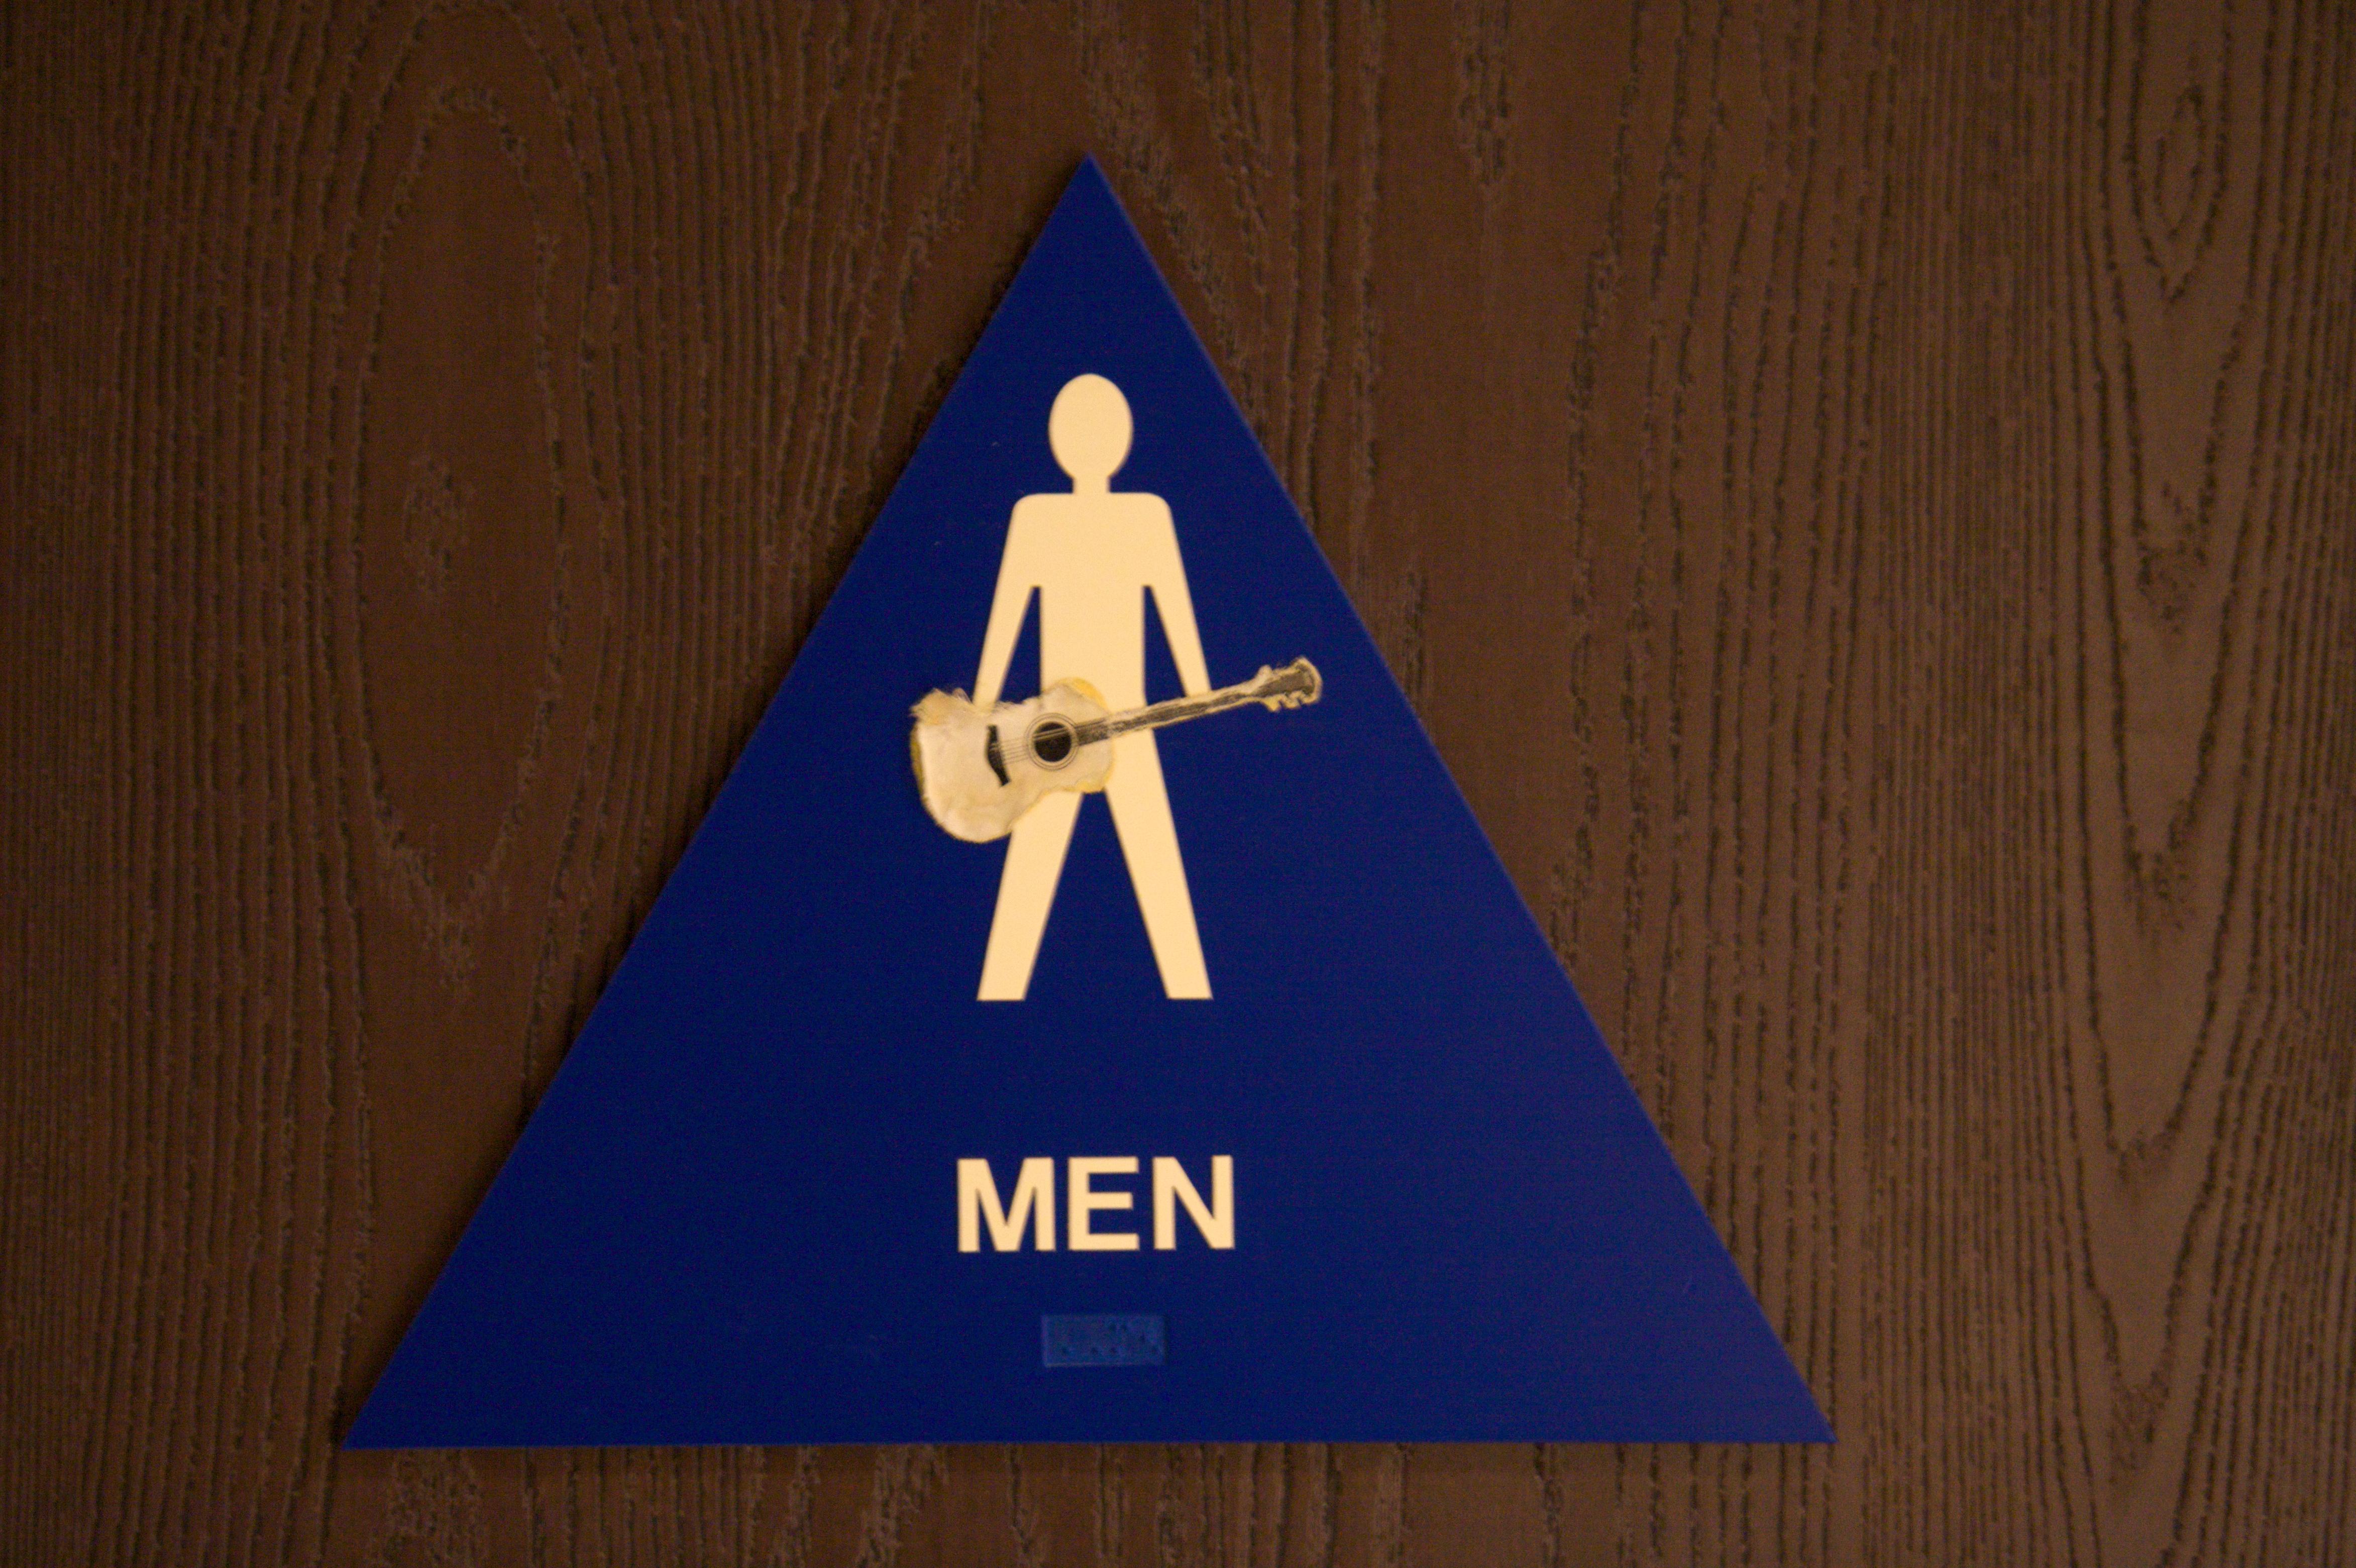 men bathroom sign. File:TGFT06 Restroom Sign For Men - Taylor Guitar Factory.jpg Bathroom L